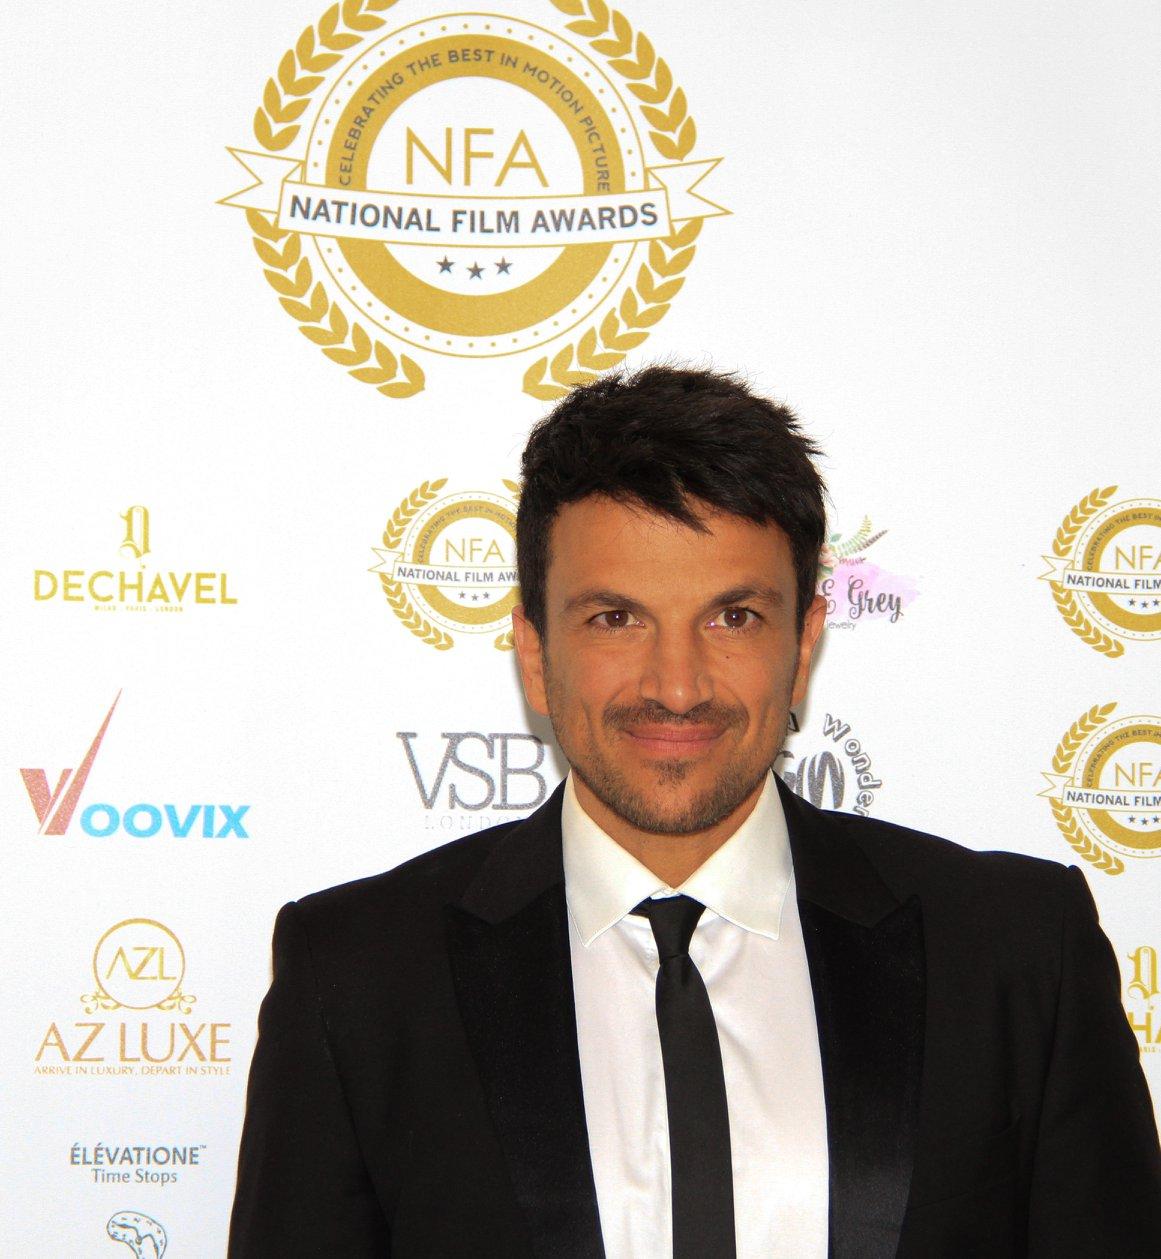 NATIONAL FILM AWARDS UK